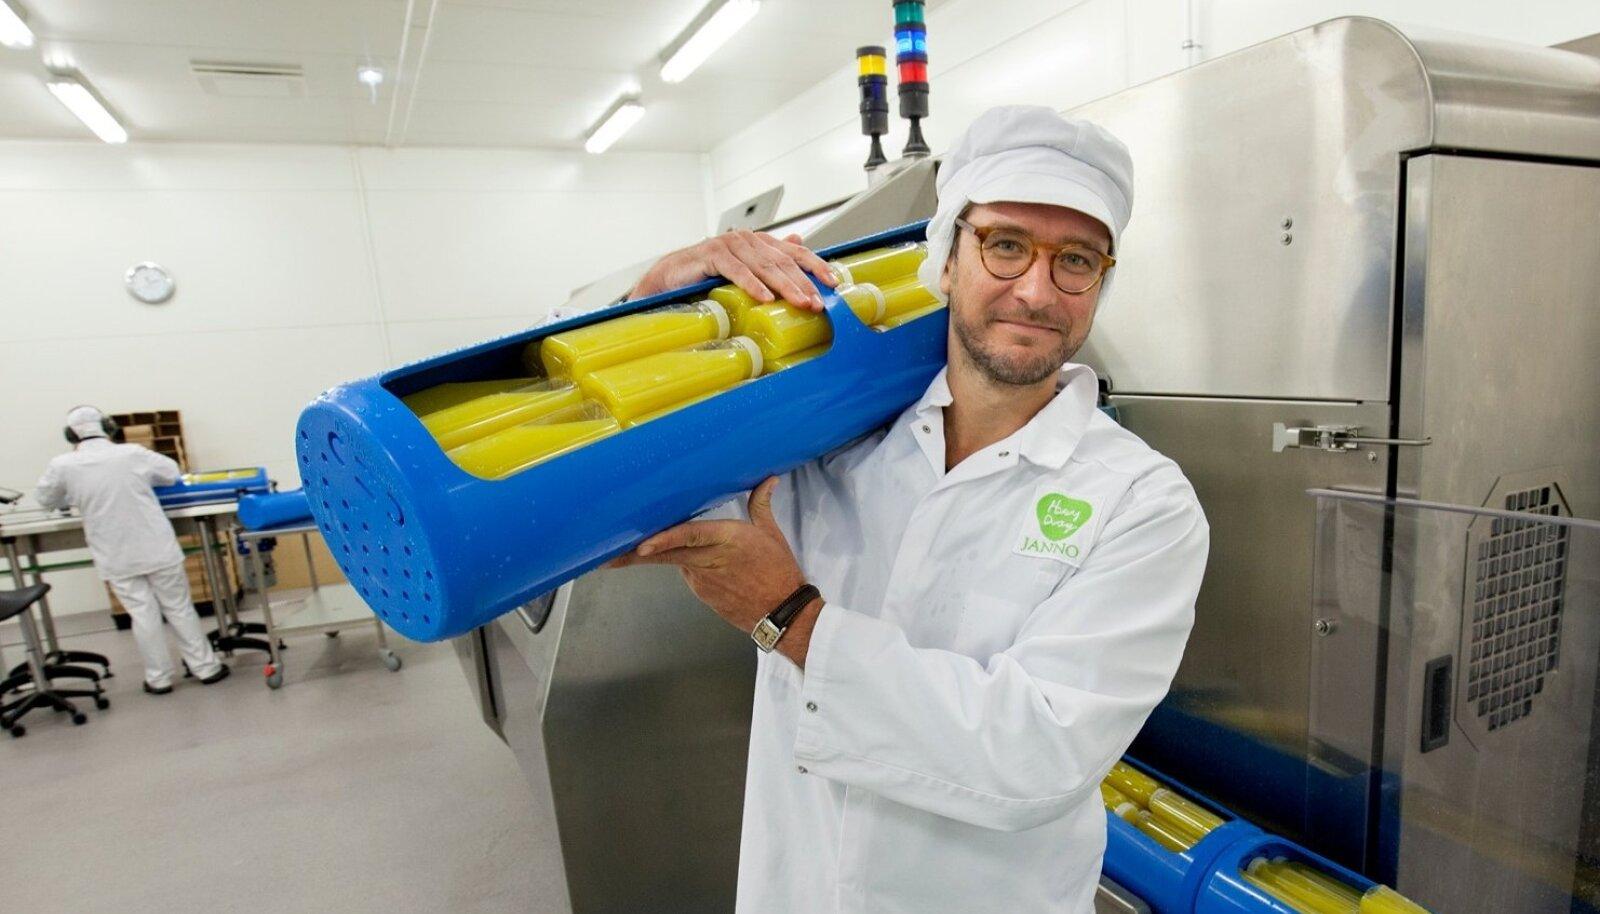 """""""Me teeme mahla ainult mahetoorainest – ei lisa suhkruid, kemikaale ega stabilisaatoreid. See on päris mahl, mis säilib pikemalt tänu unikaalsele kõrgsurvemeetodile,"""" selgitab HeyDay Organicu OÜ tegevjuht Janno Veskimäe."""